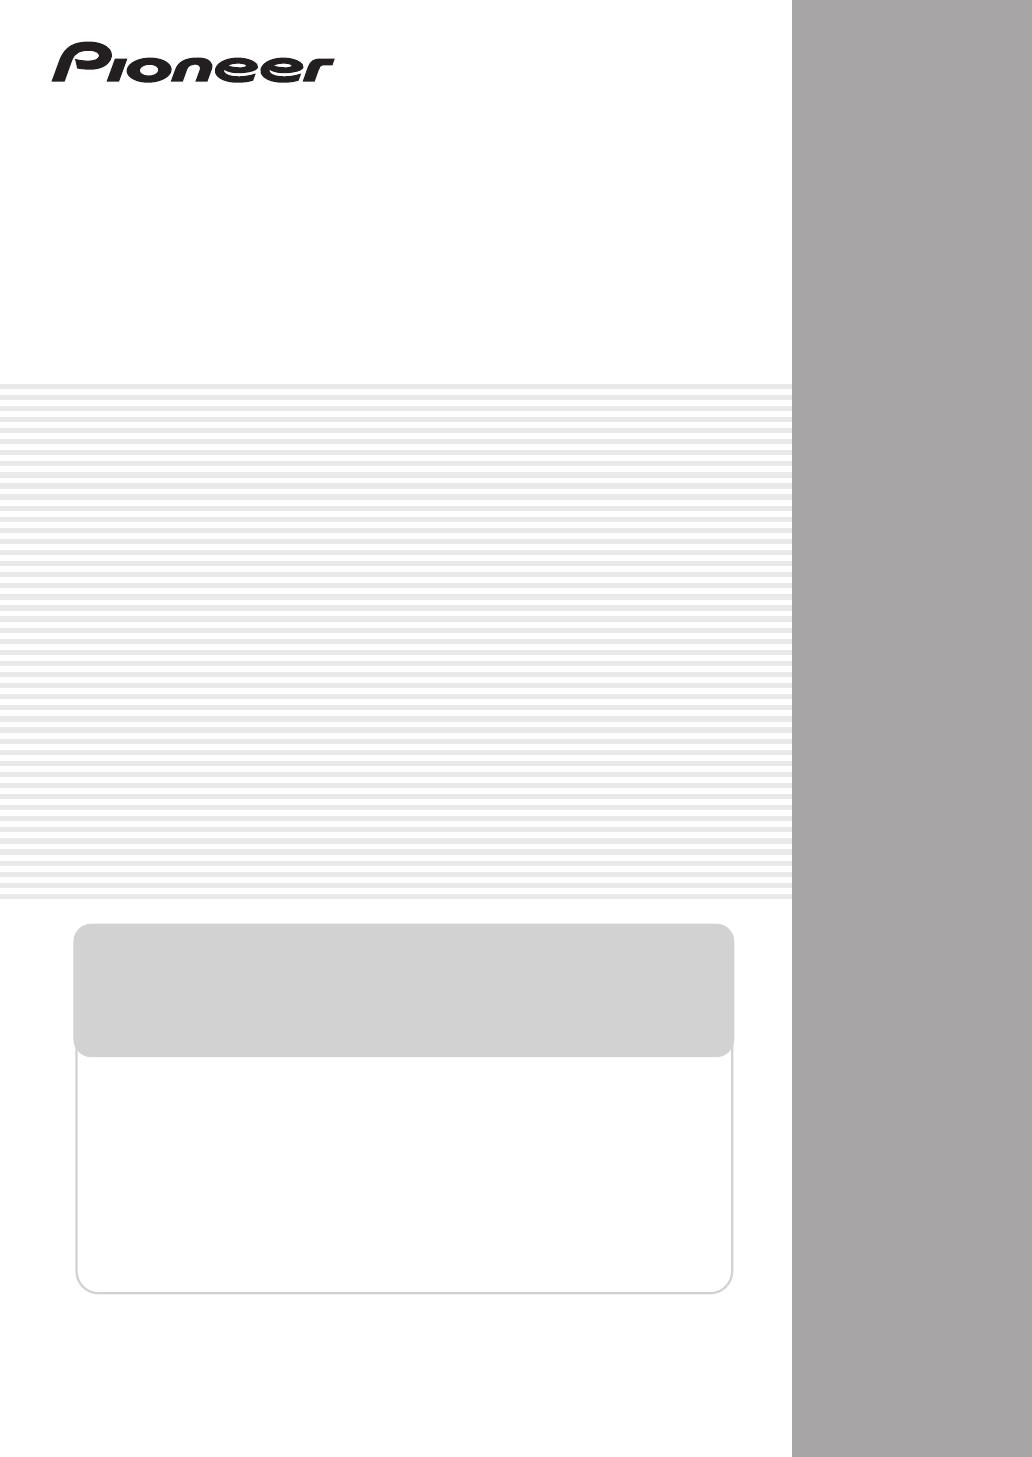 handleiding pioneer vsx 9130txh k pagina 78 van 104 english rh gebruikershandleiding com Pioneer VSX Receiver Pioneer VSX 1122 K